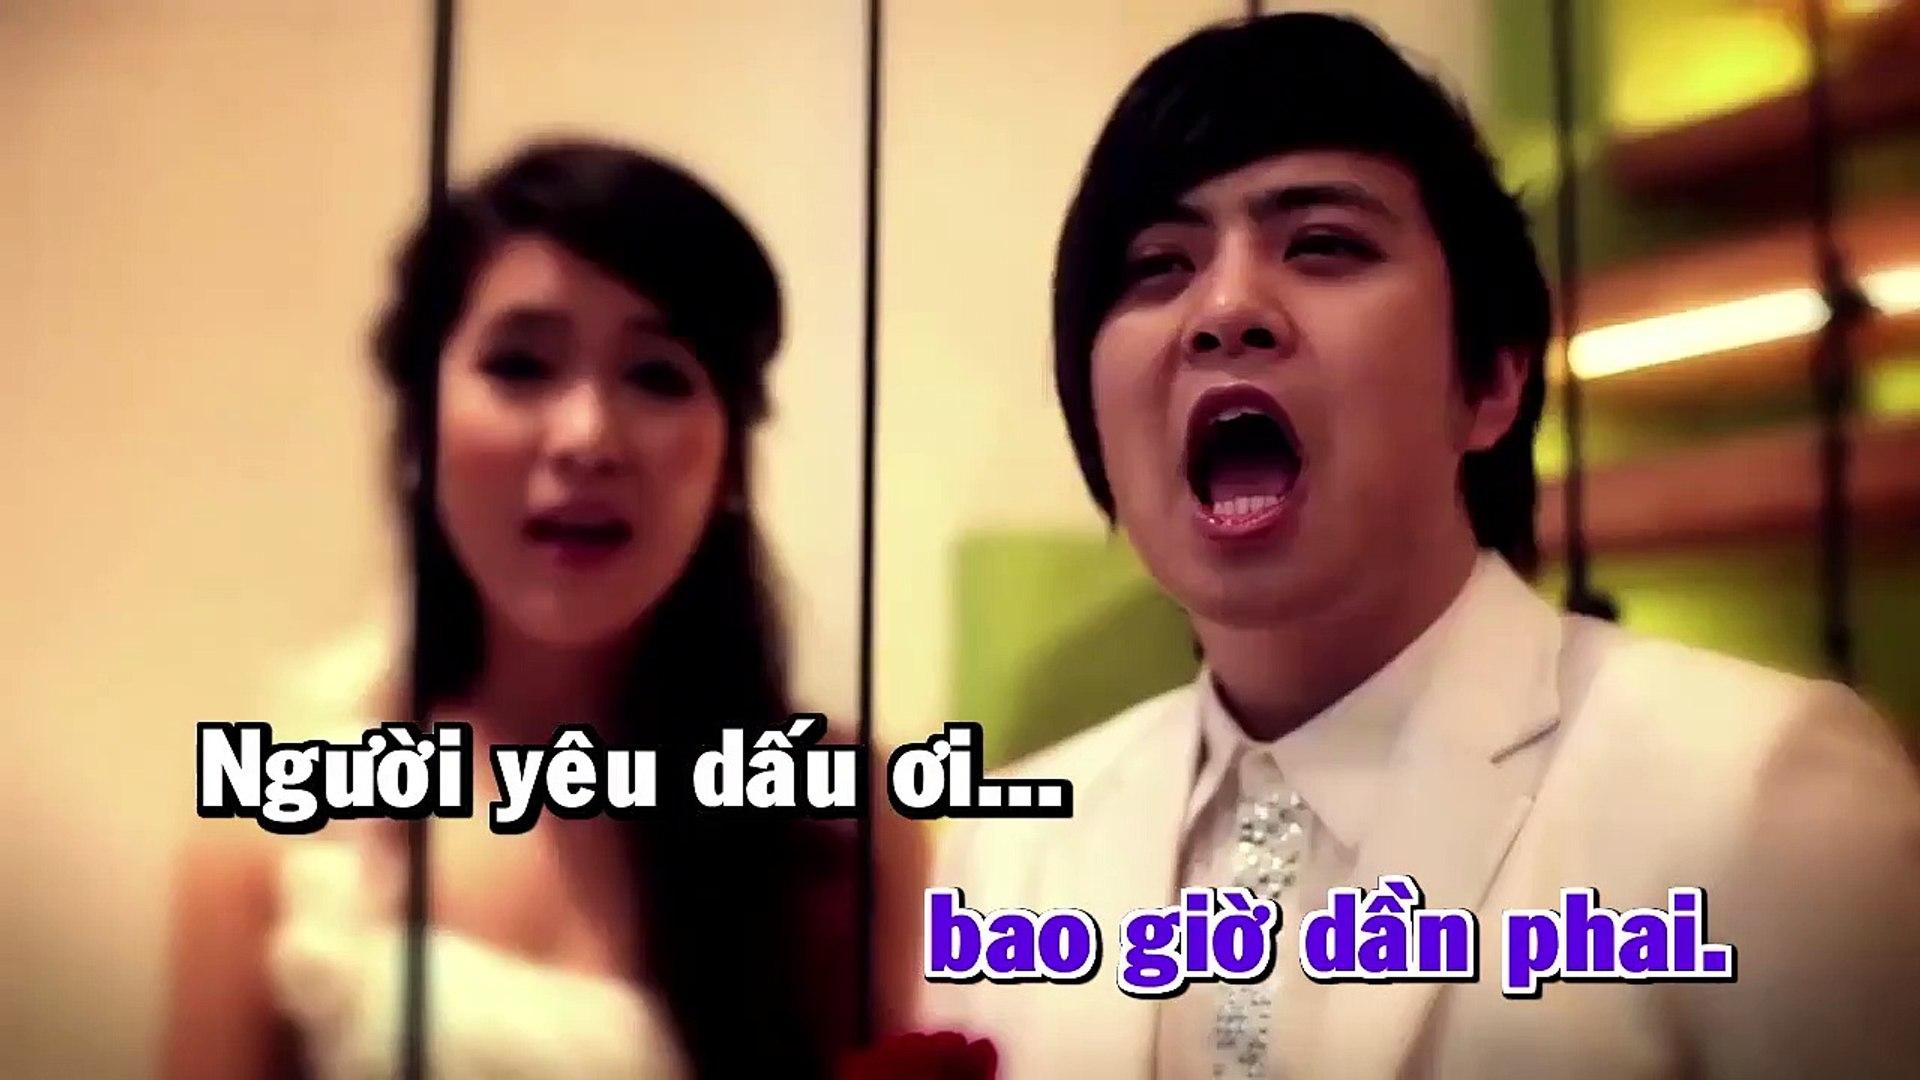 [Karaoke] Đêm Tình Nhân - Quốc Minh Ft. Bích Phương [Beat]